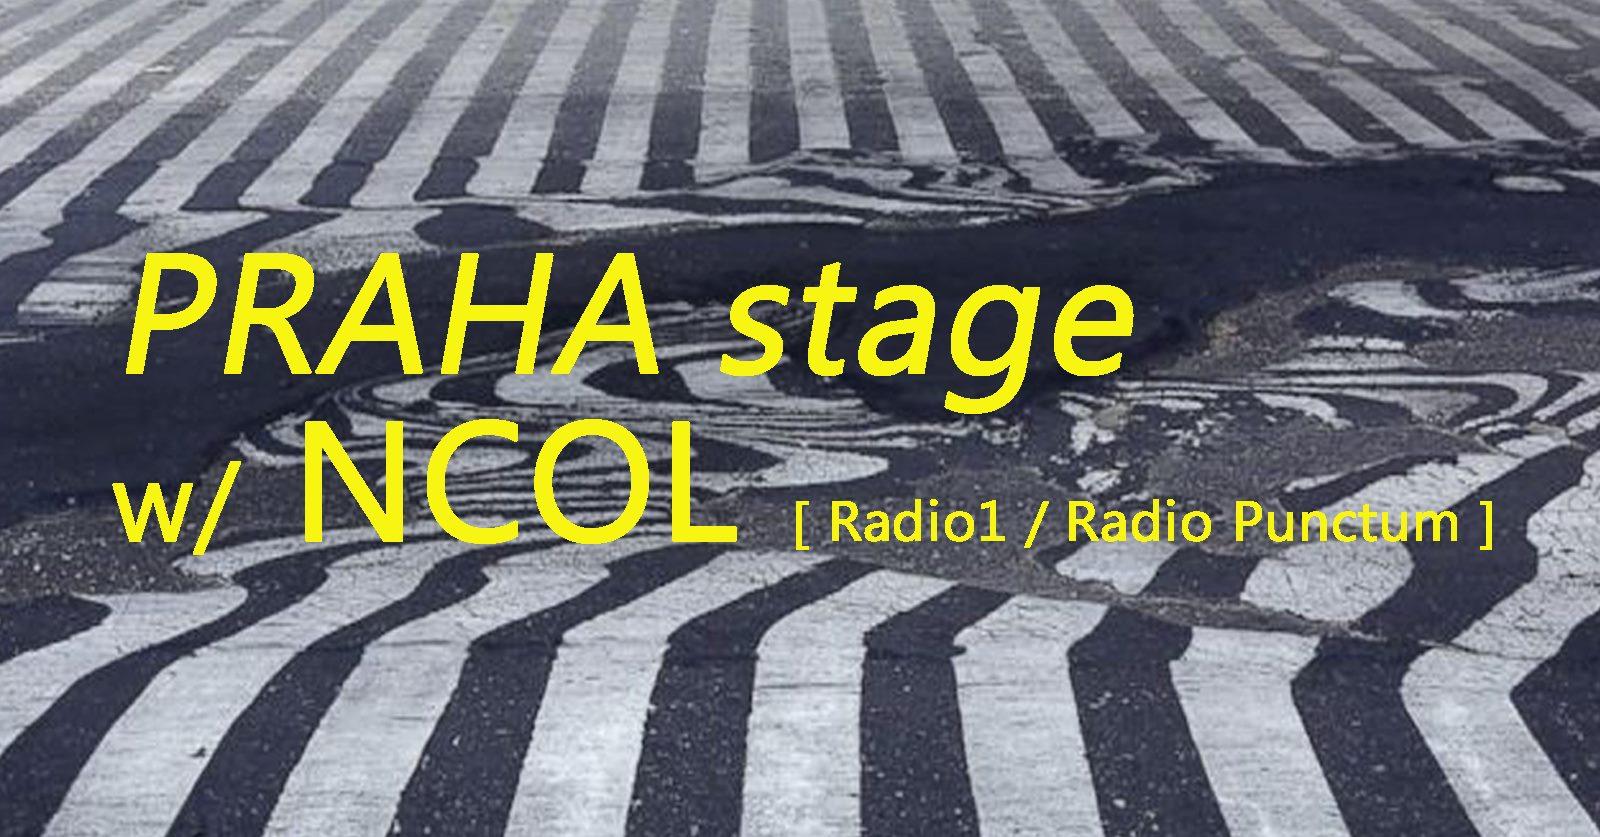 PÁ / 21.6. / 18.00 / PRAHA stage w/ NCOL / dj set